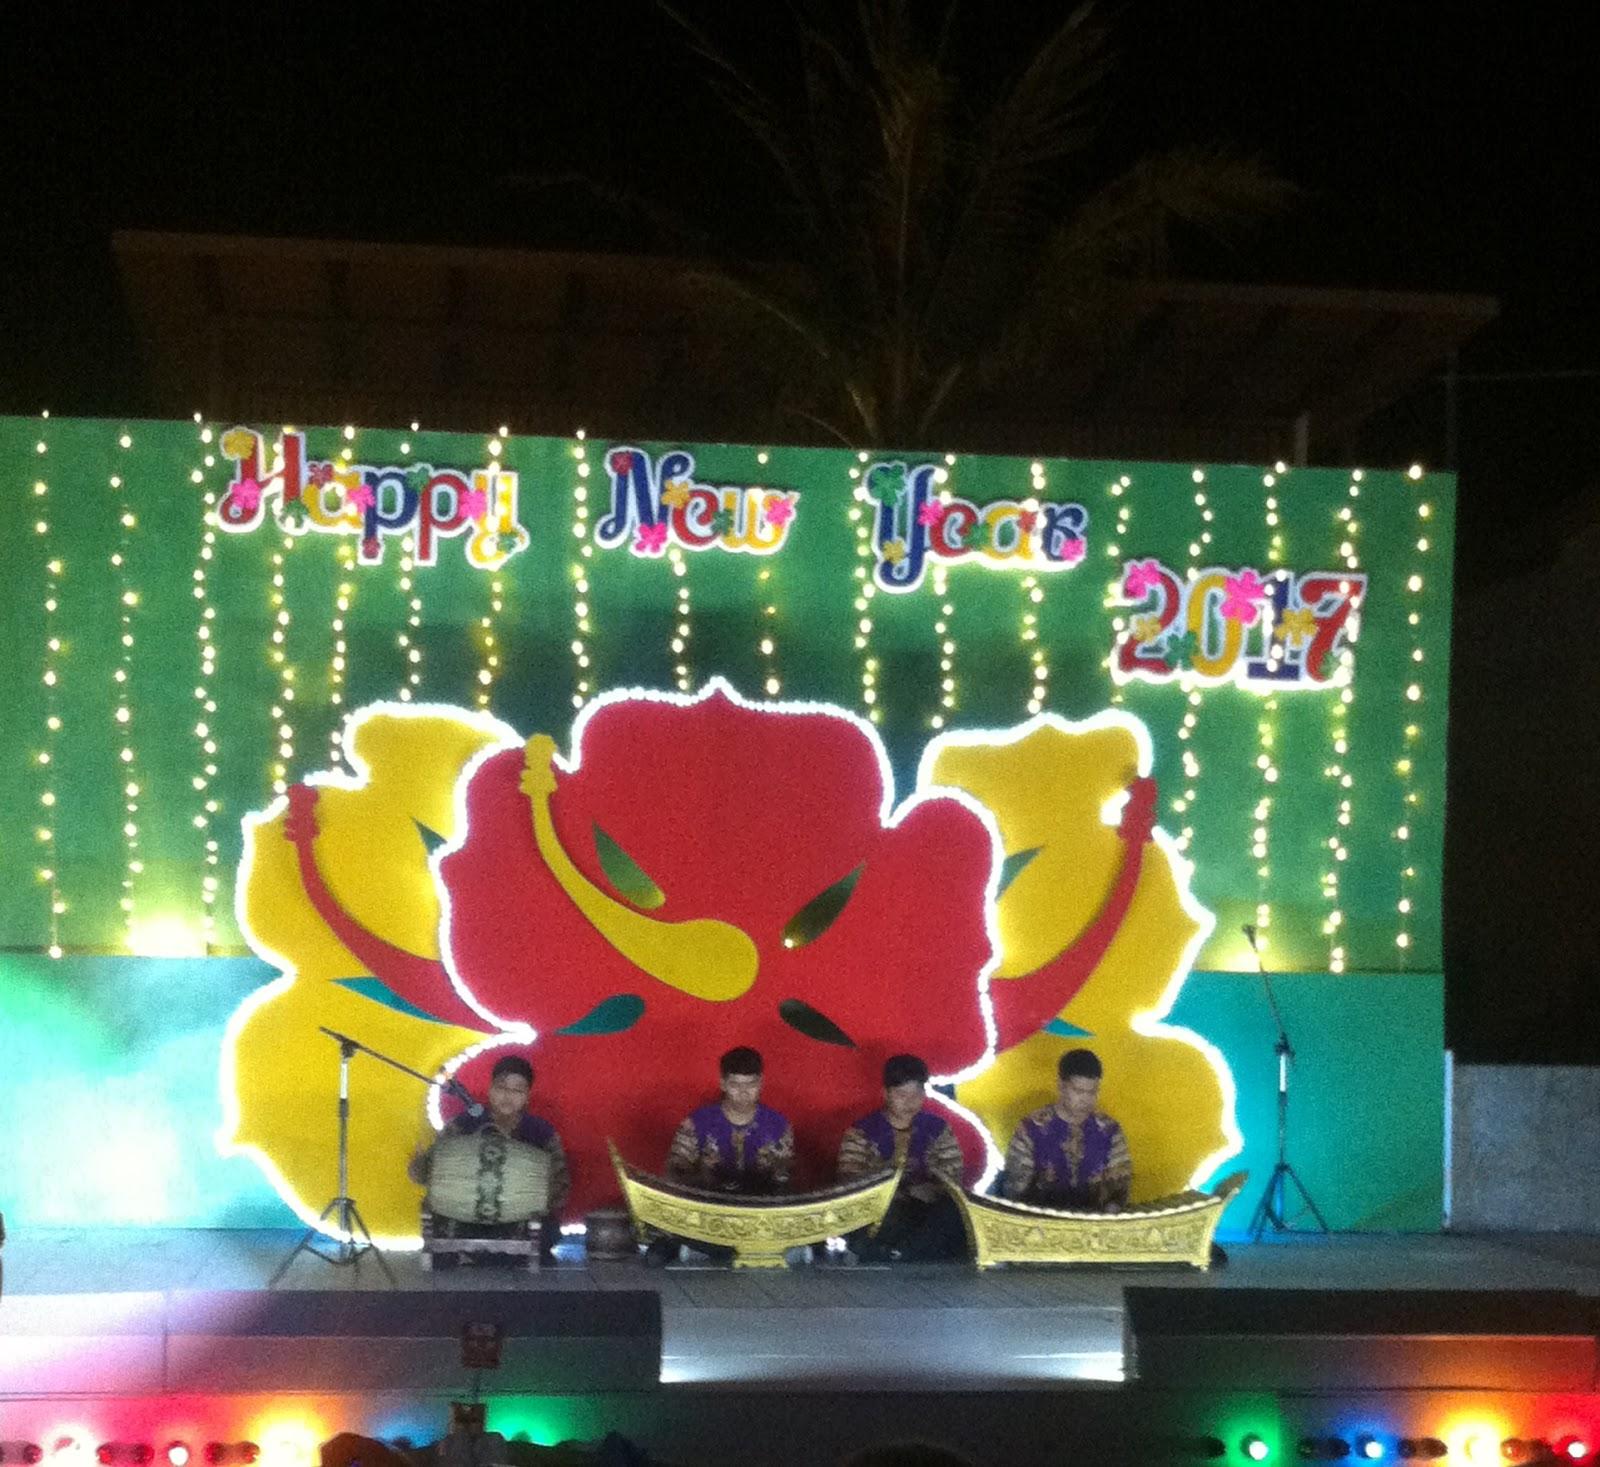 joulu 2018 thaimaa Joulun ja Uuden Vuoden gaalaillallinen Thaimaassa joulu 2018 thaimaa